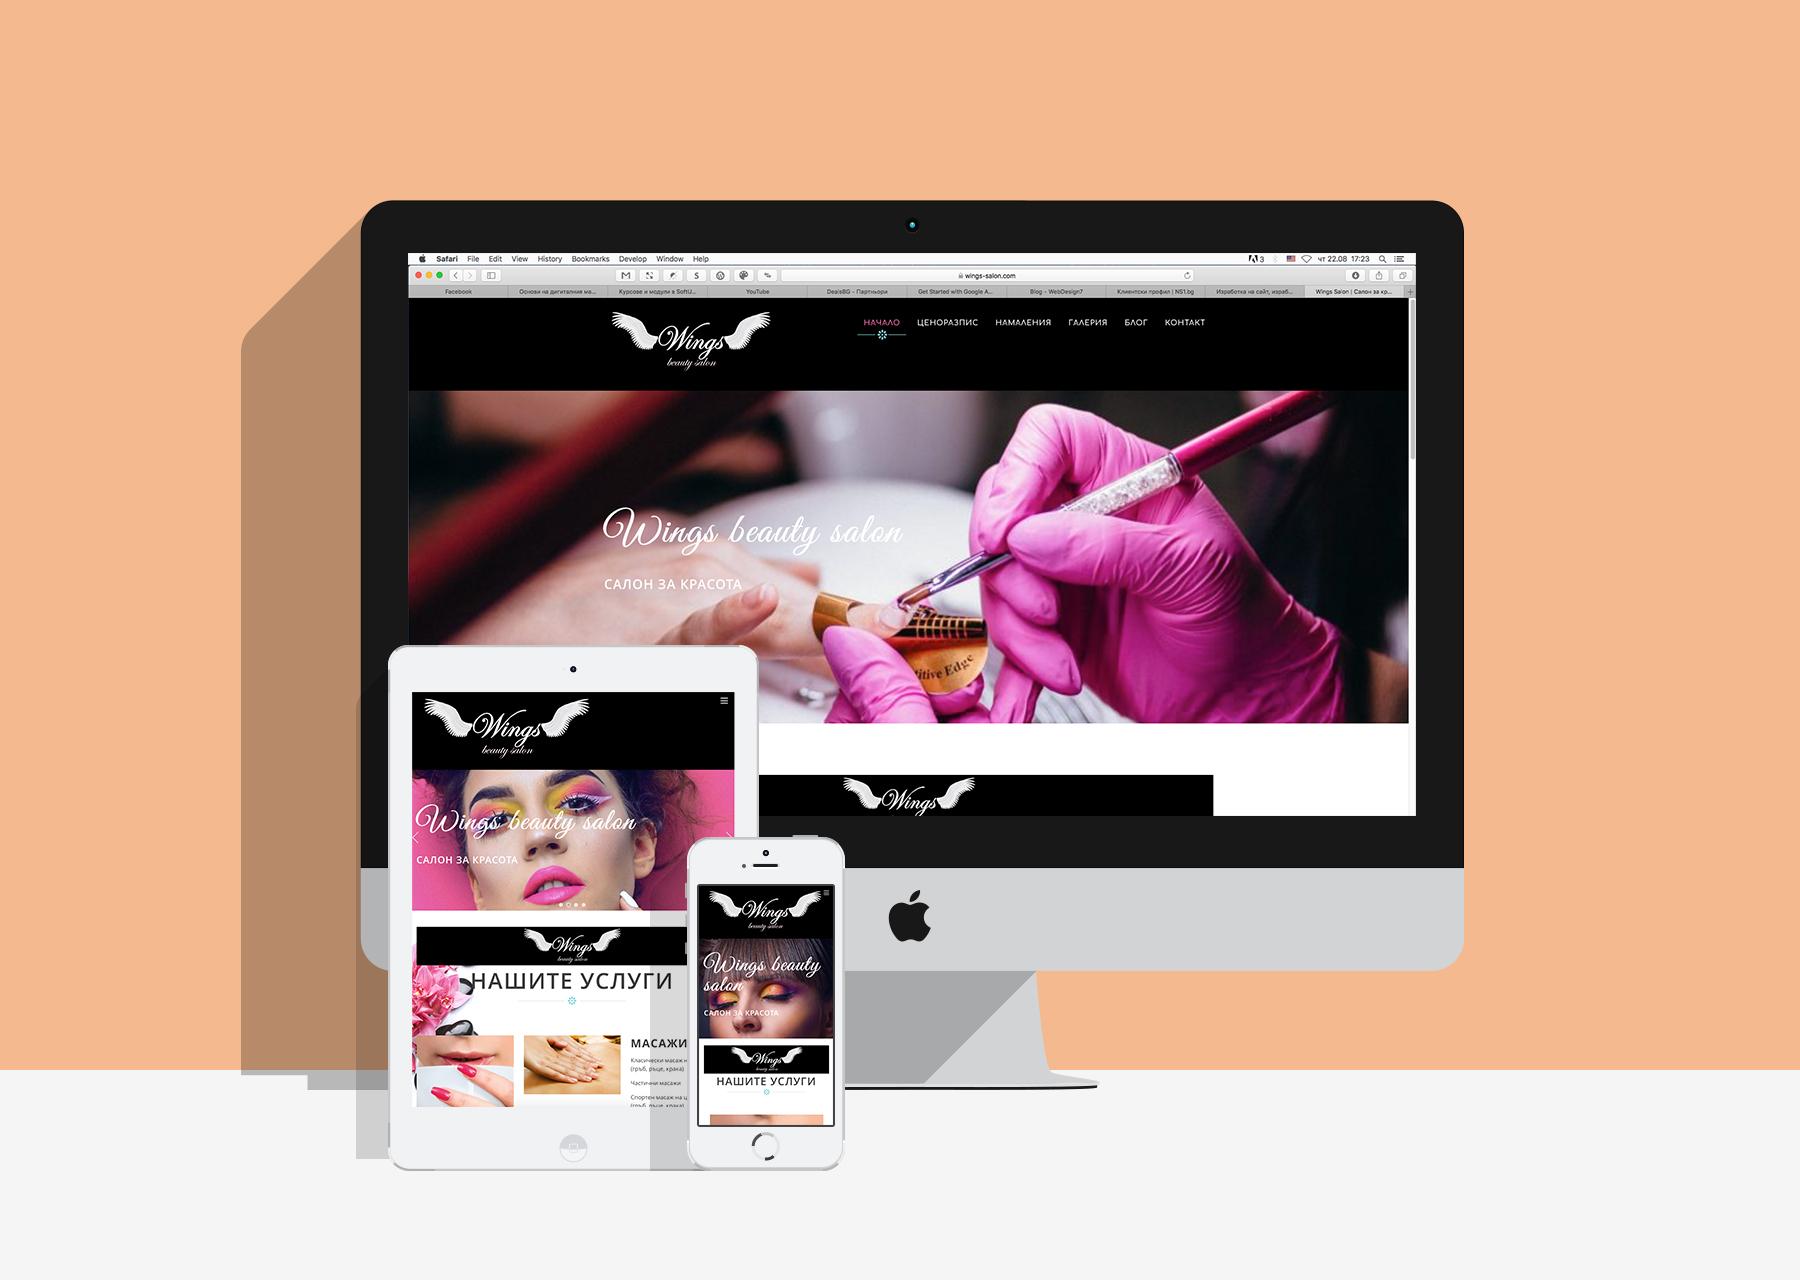 Web_site_Wings-salo-izrabotka-na-ueb-sait